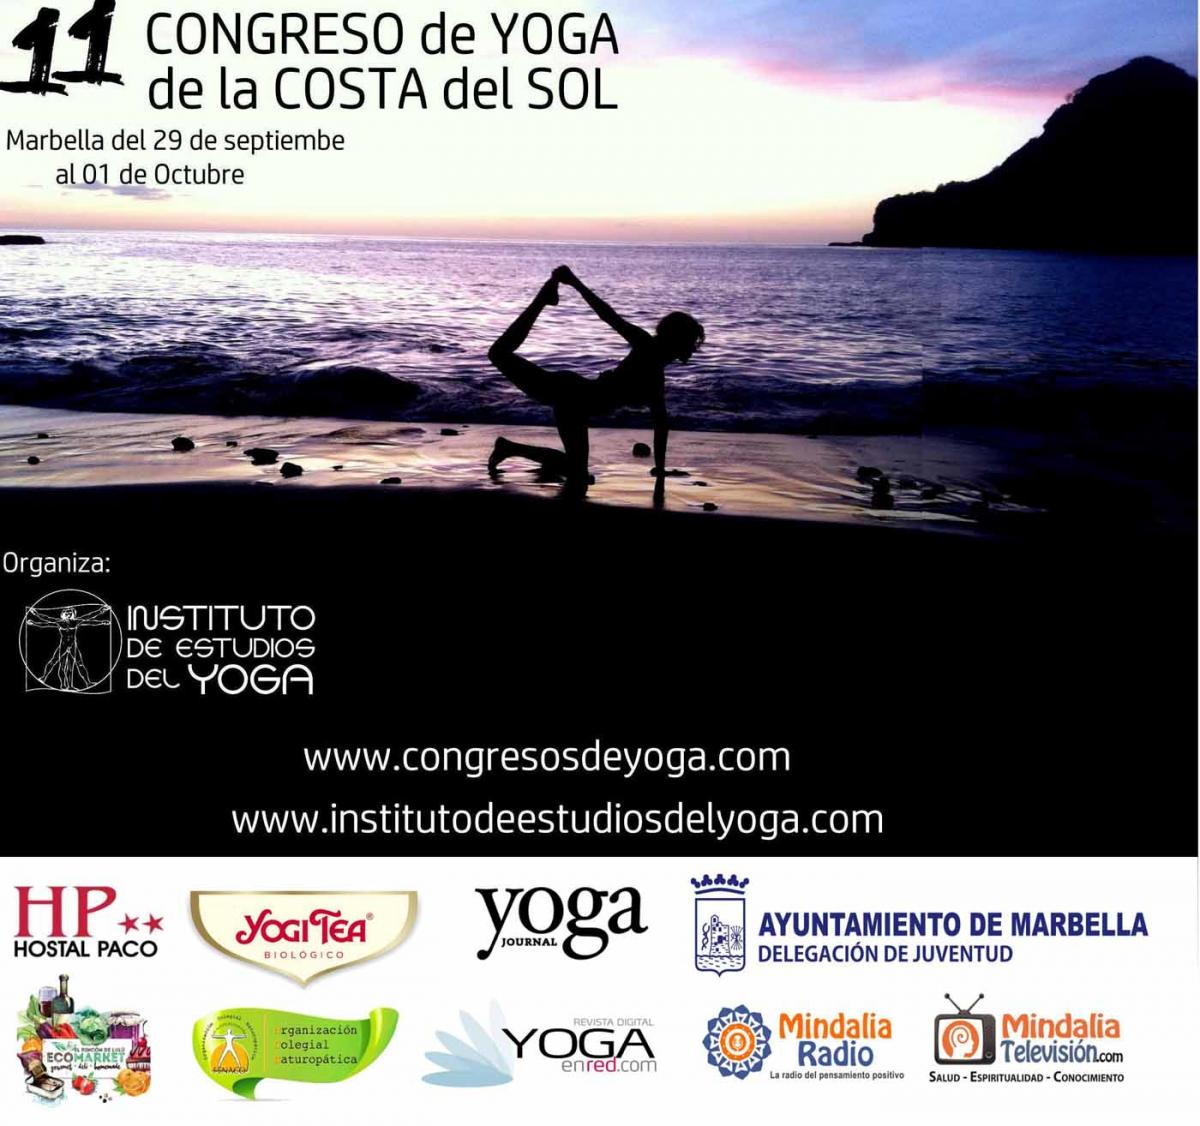 El Palacio de Congresos Adolfo Suárez acogerá el 11º Congreso de Yoga de la Costa del Sol del 29 de septiembre al 1 de octubre